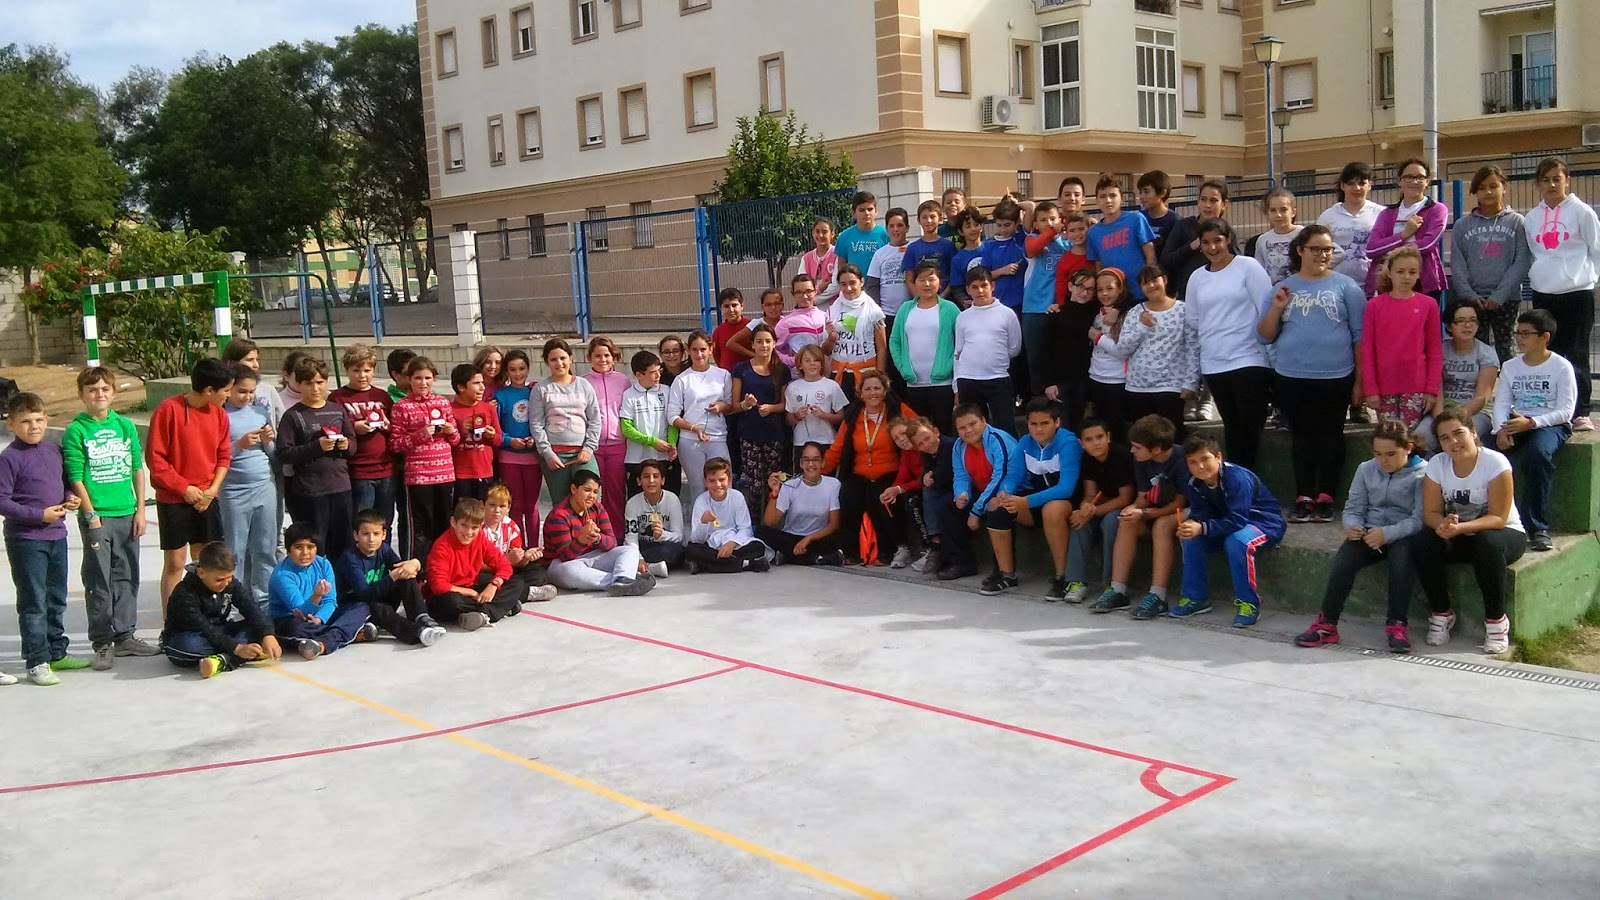 Club baloncesto puerto real torneo 3x3 en el colegio - Colegio de arquitectos cadiz ...